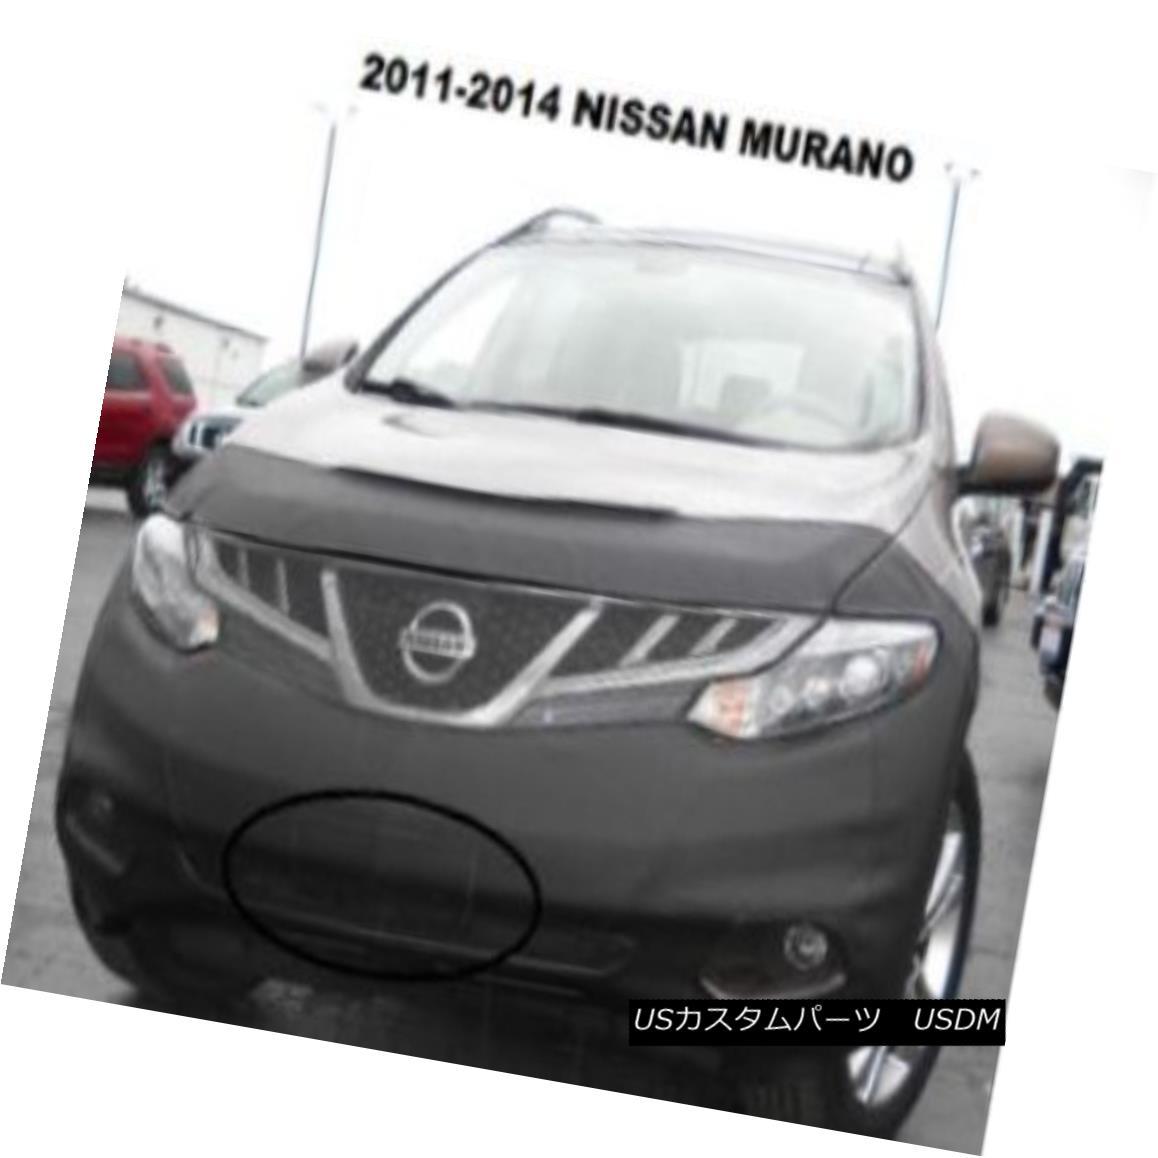 フルブラ ノーズブラ Lebra Front End Mask Cover Bra Fits 2011-2014 Nissan Murano 11-14 Lebraフロントエンドマスクカバーブラ2011-2014 Nissan Murano 11-14